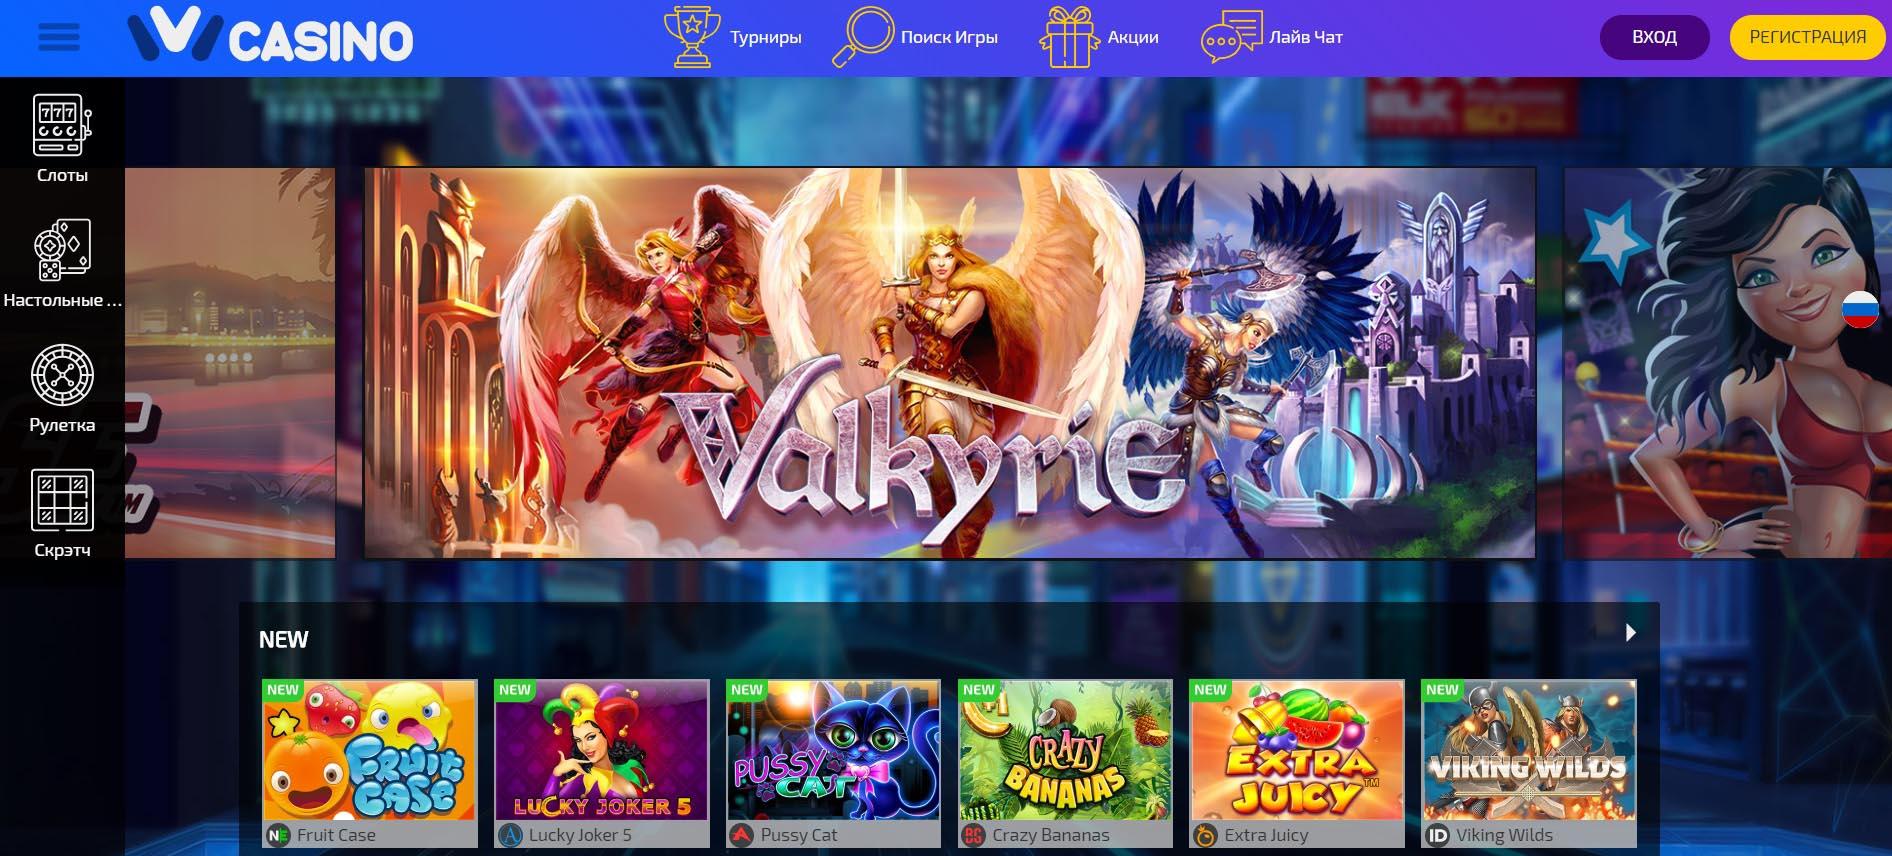 официальный сайт иви казино отзывы